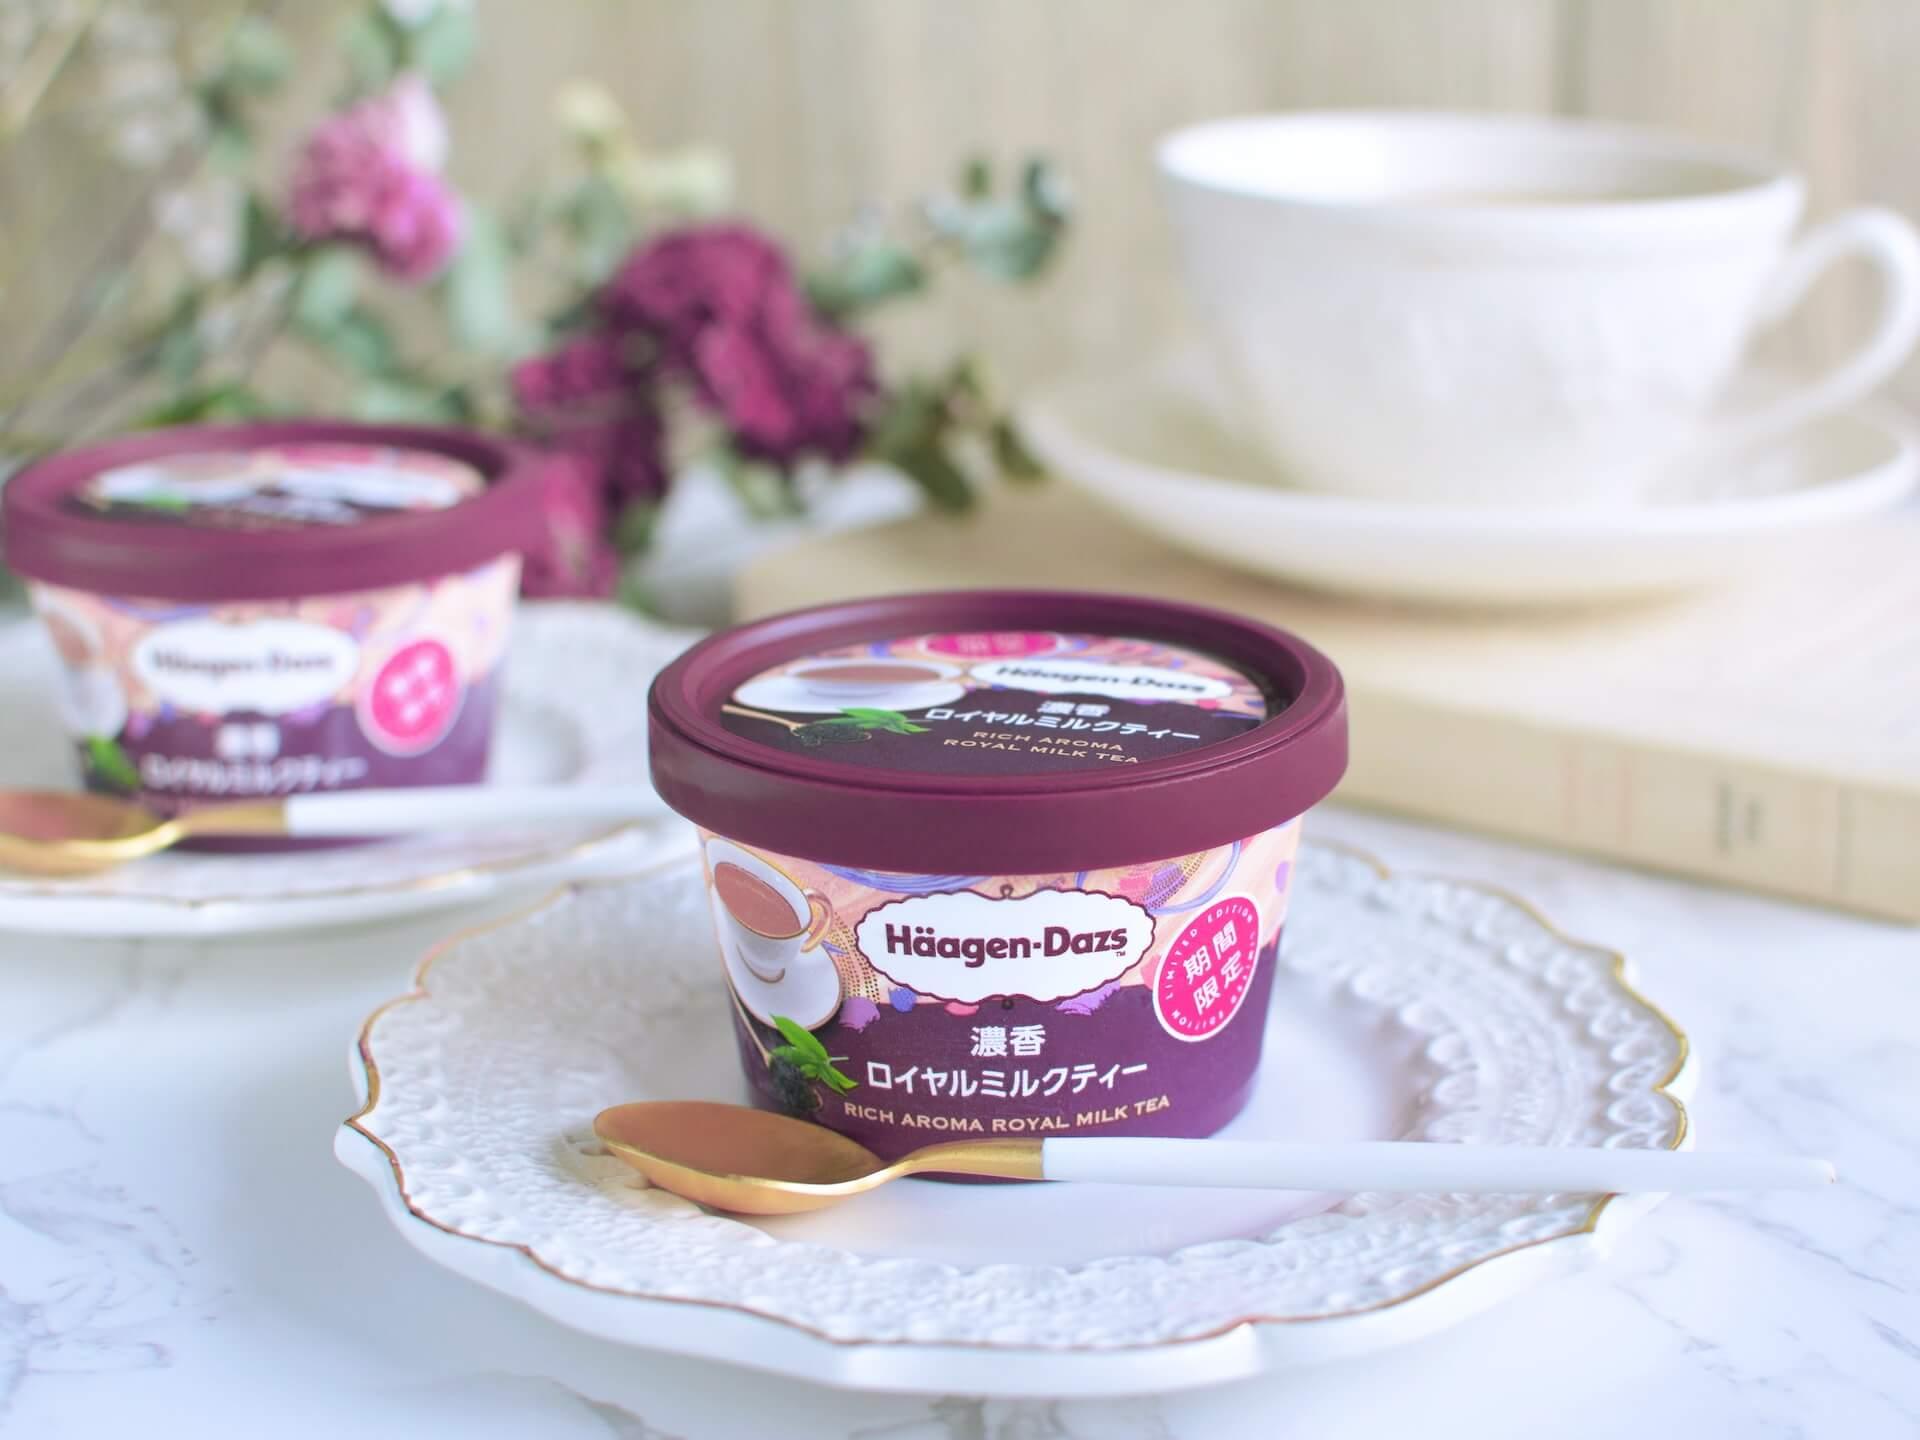 今度のハーゲンダッツは濃く香るロイヤルミルクティー!ミニカップ『濃香ロイヤルミルクティー』が期間限定発売 gourmet210524_haagendazs_3